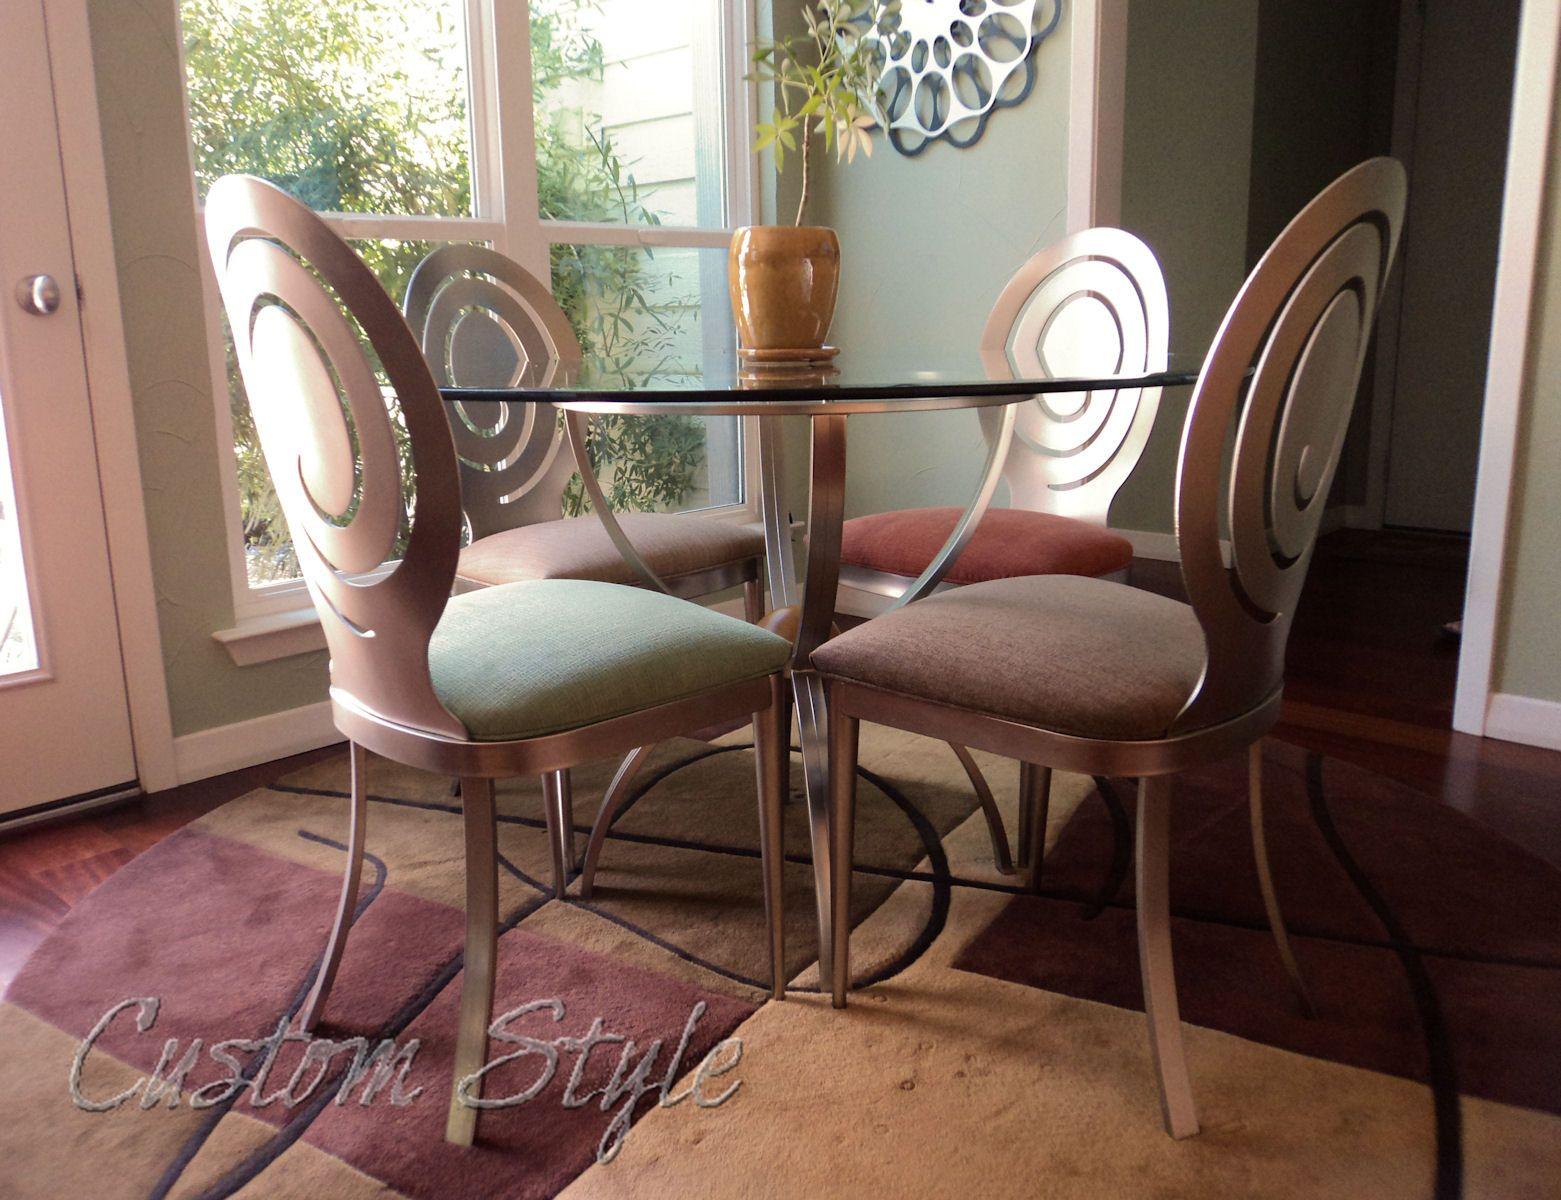 Kleine speisesaalideen modern reupholster esszimmer stühle best photo design  ein weiterer guter